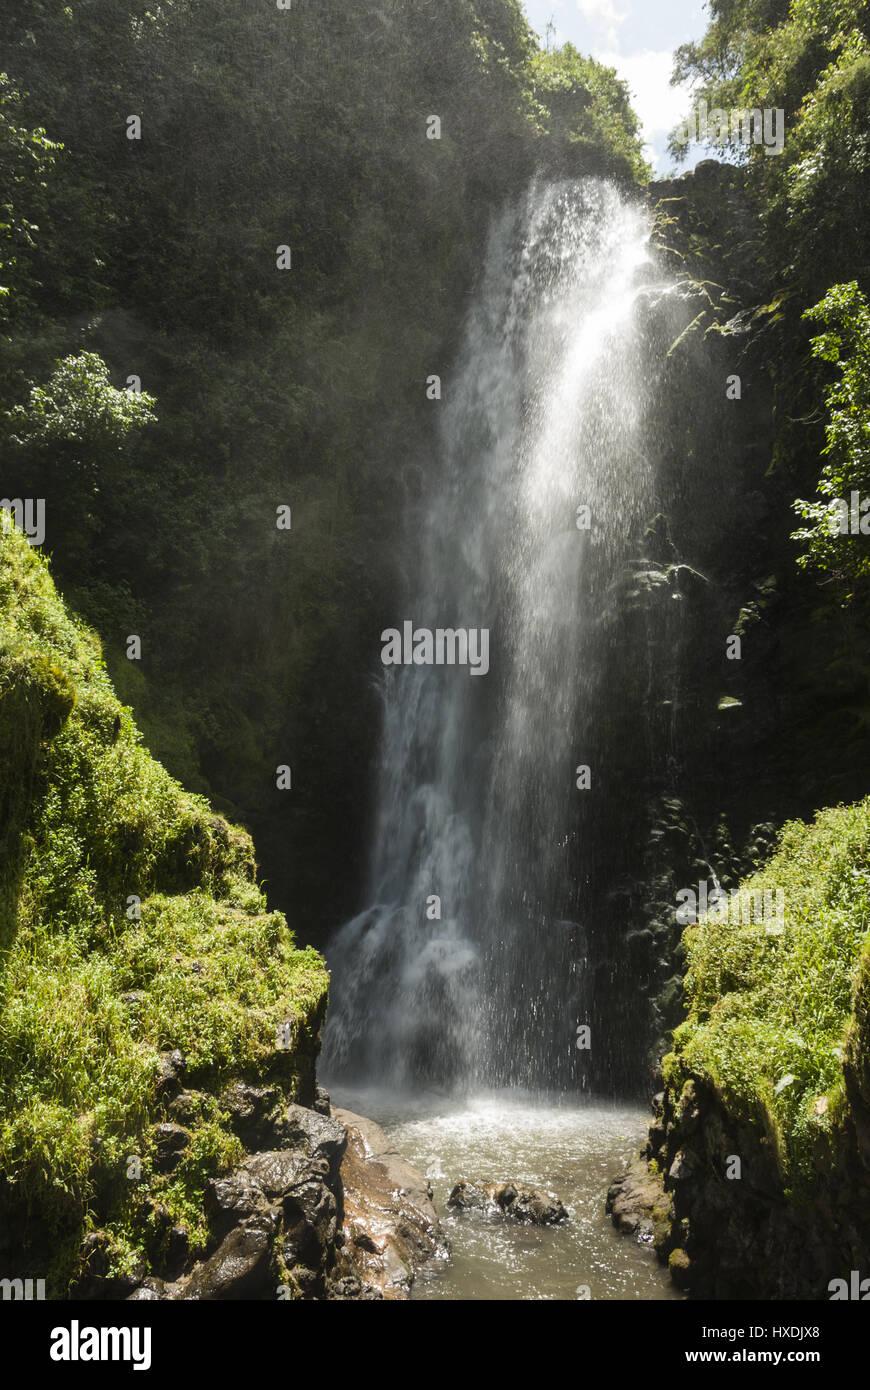 Ecuador, Otavalo, Cascada de Peguche waterfall - Stock Image